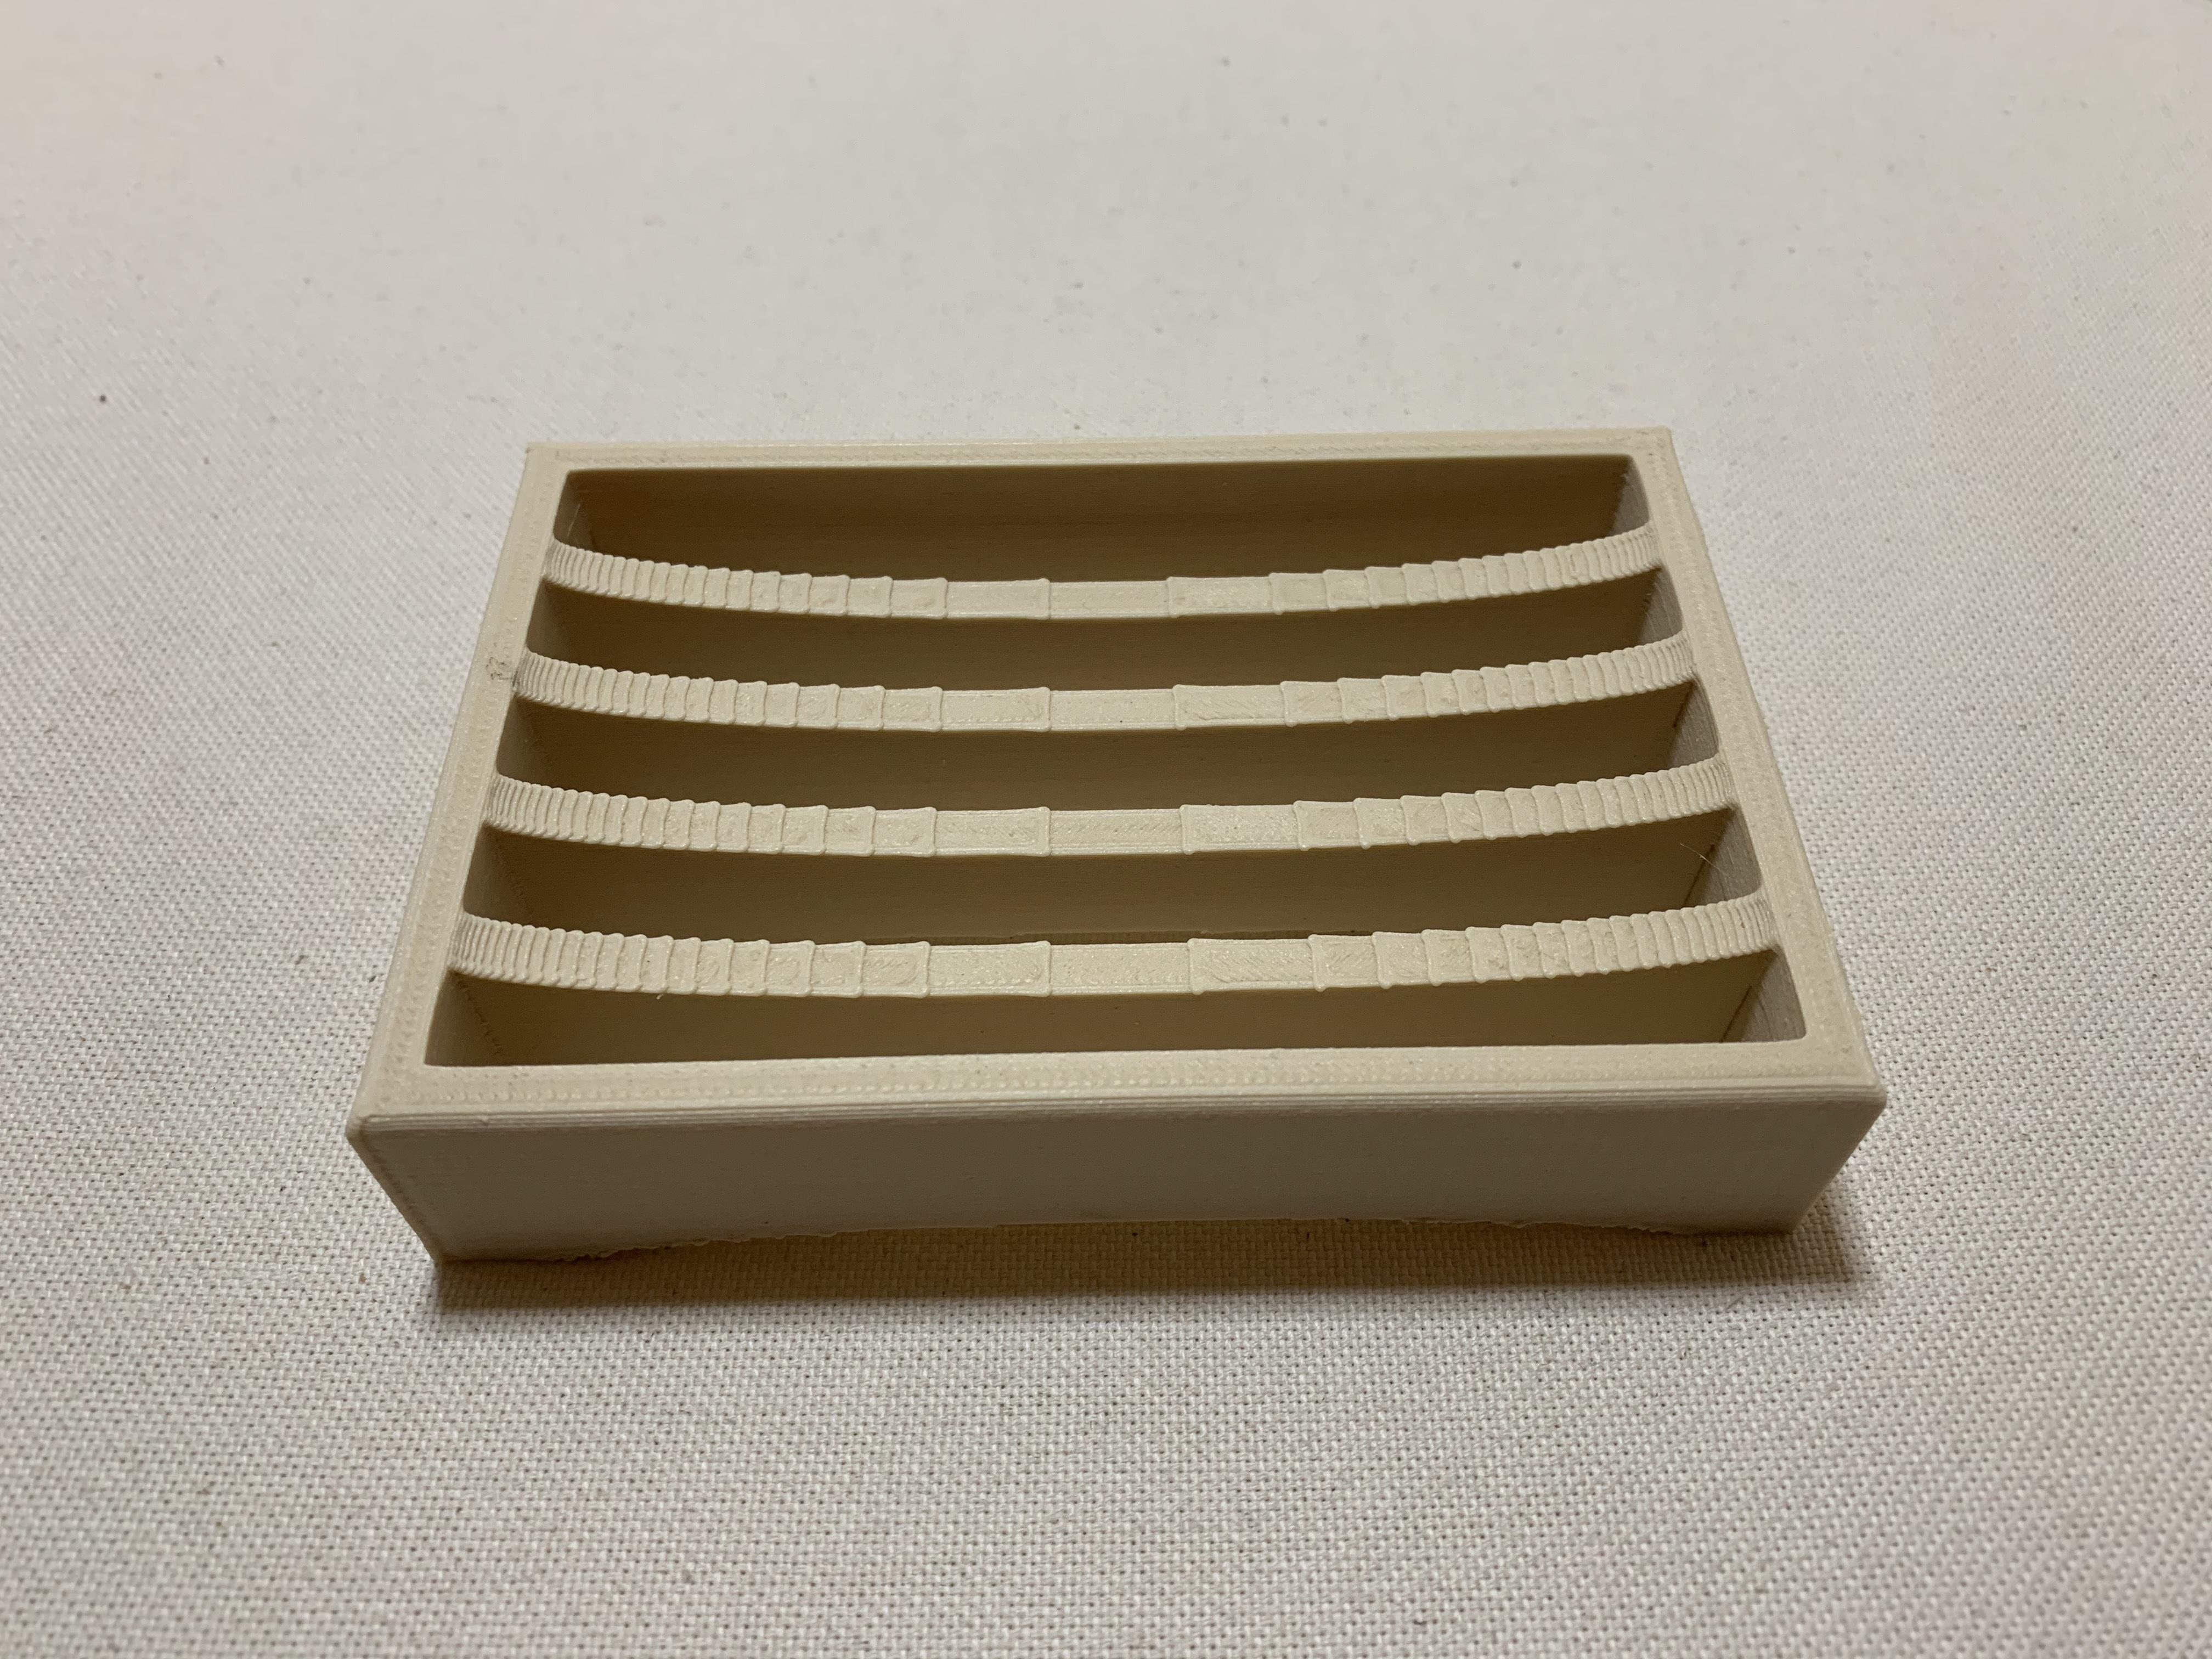 IMG_3563.jpg Download free STL file Soap holder - Porte savon • 3D printing design, MatFeex